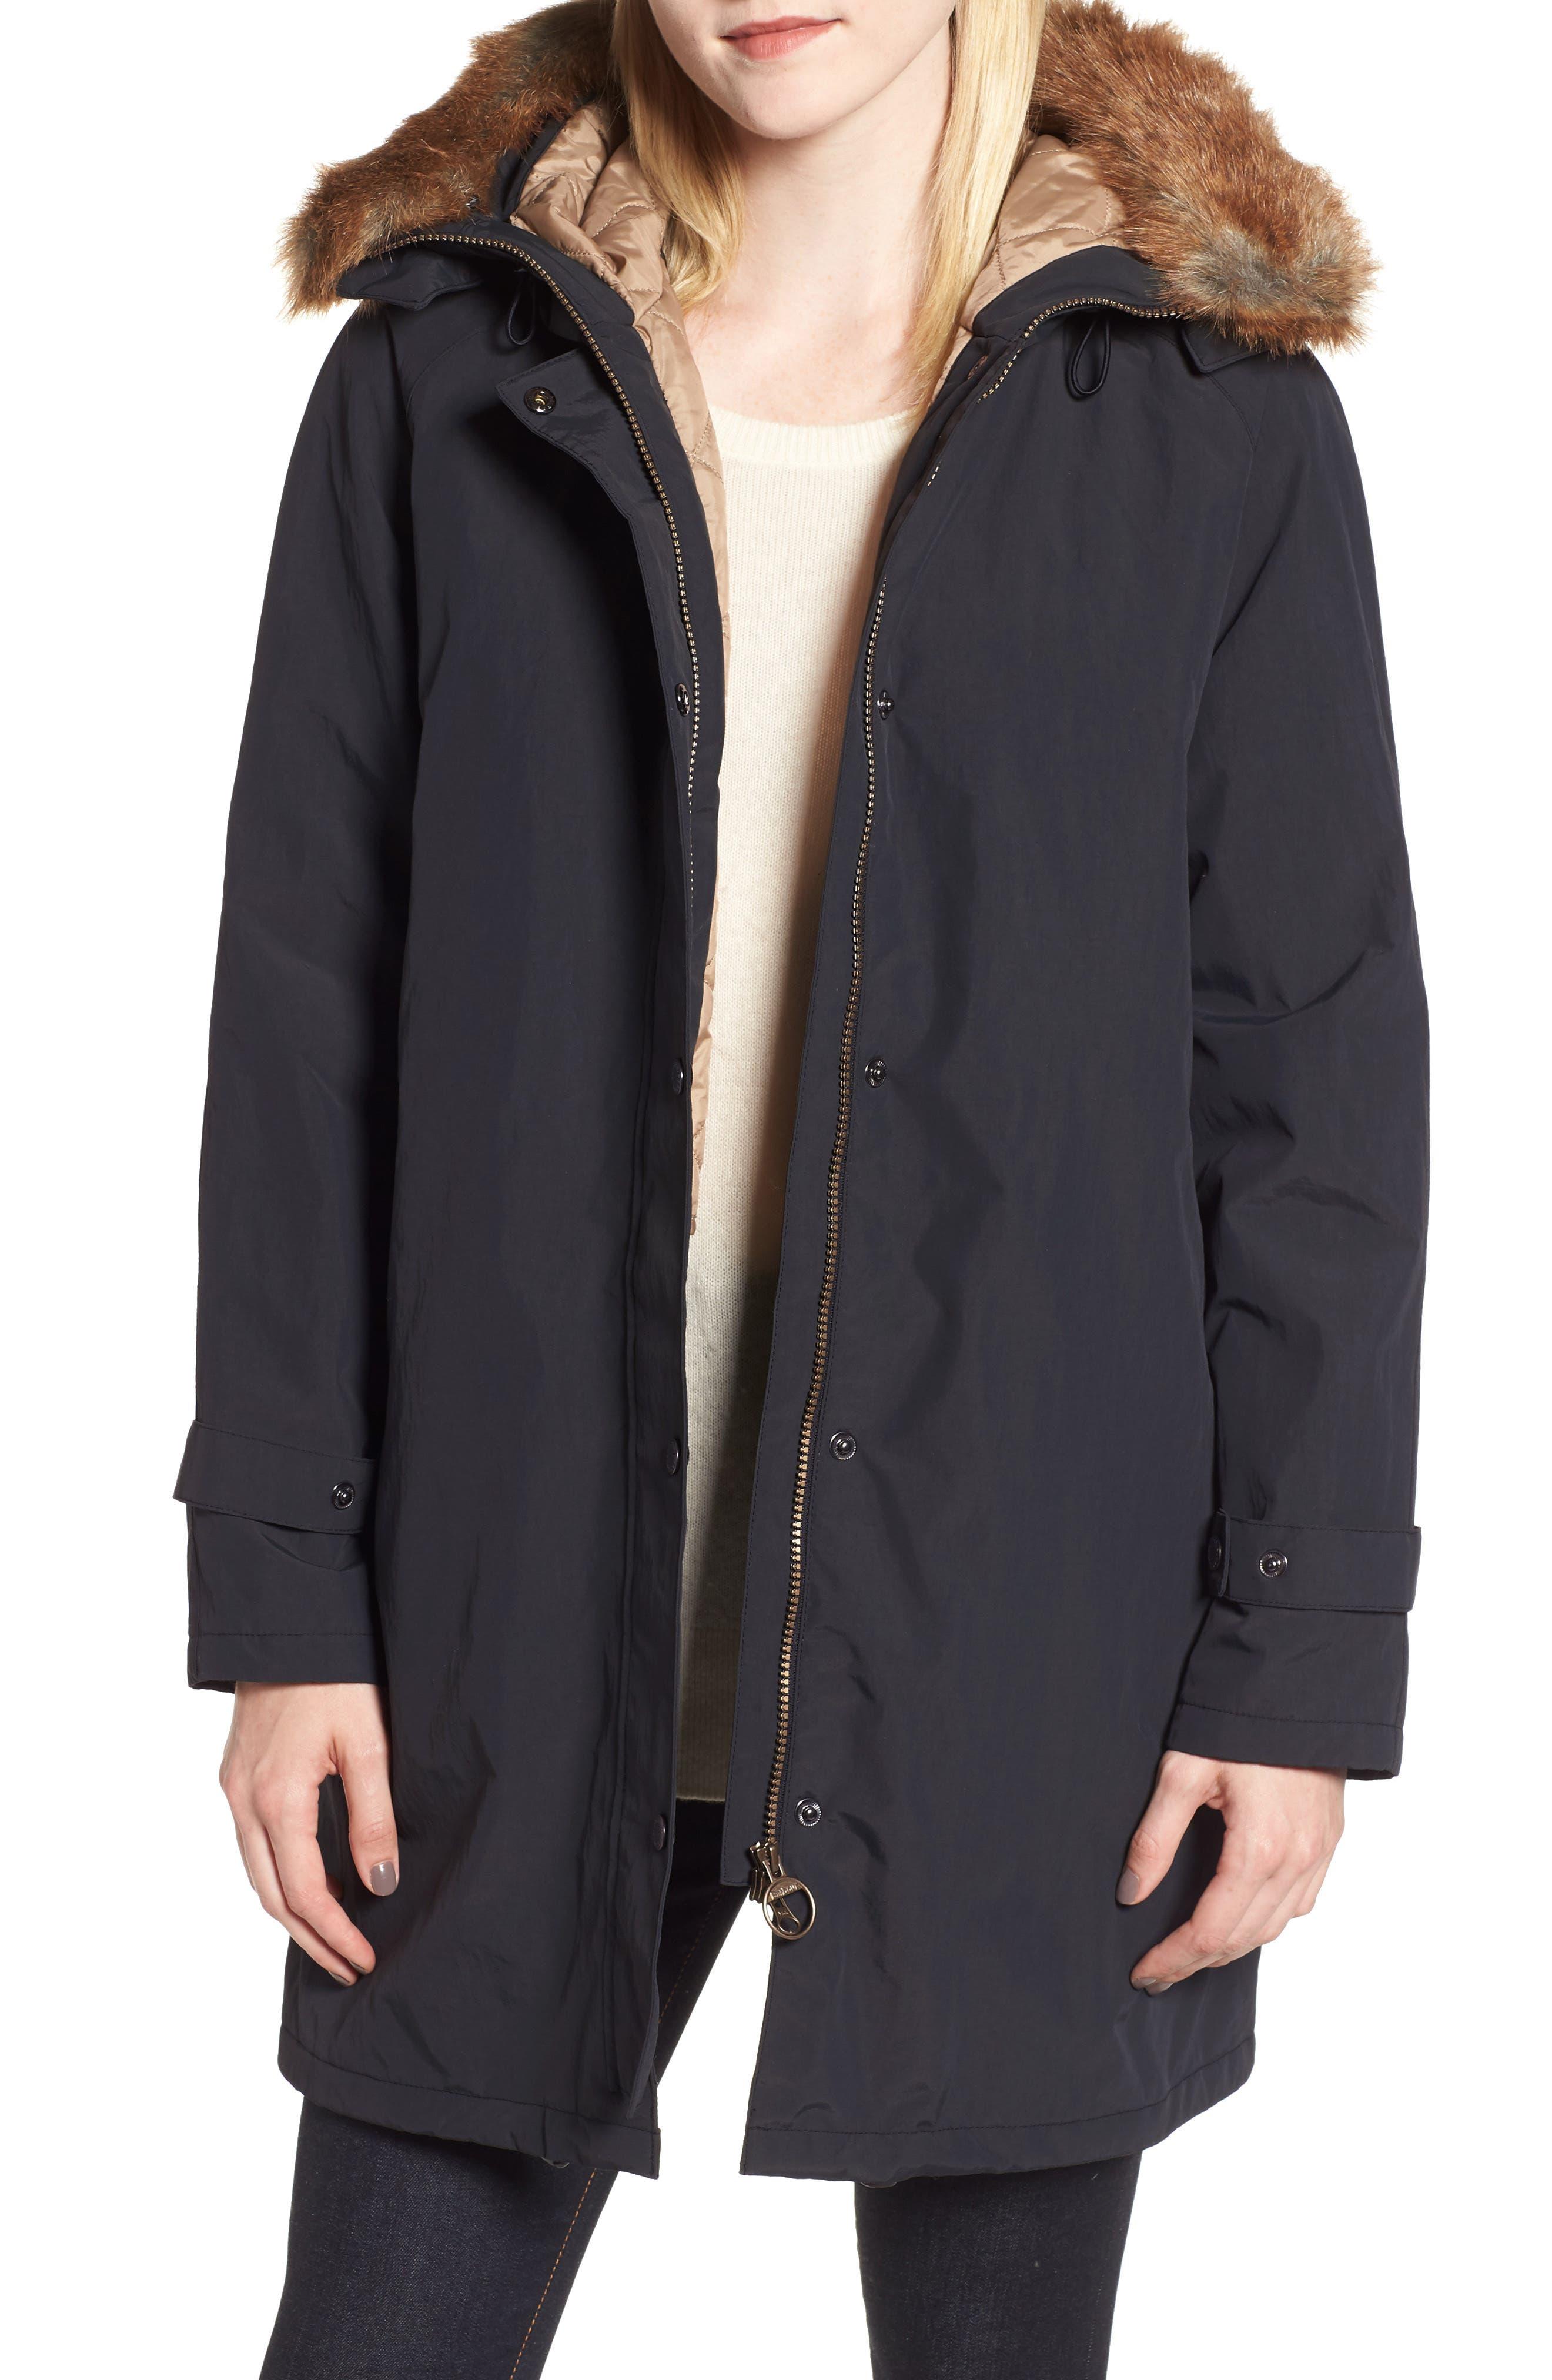 Barbour Dexy Jacket With Faux Fur Trim, US / 12 UK - Black